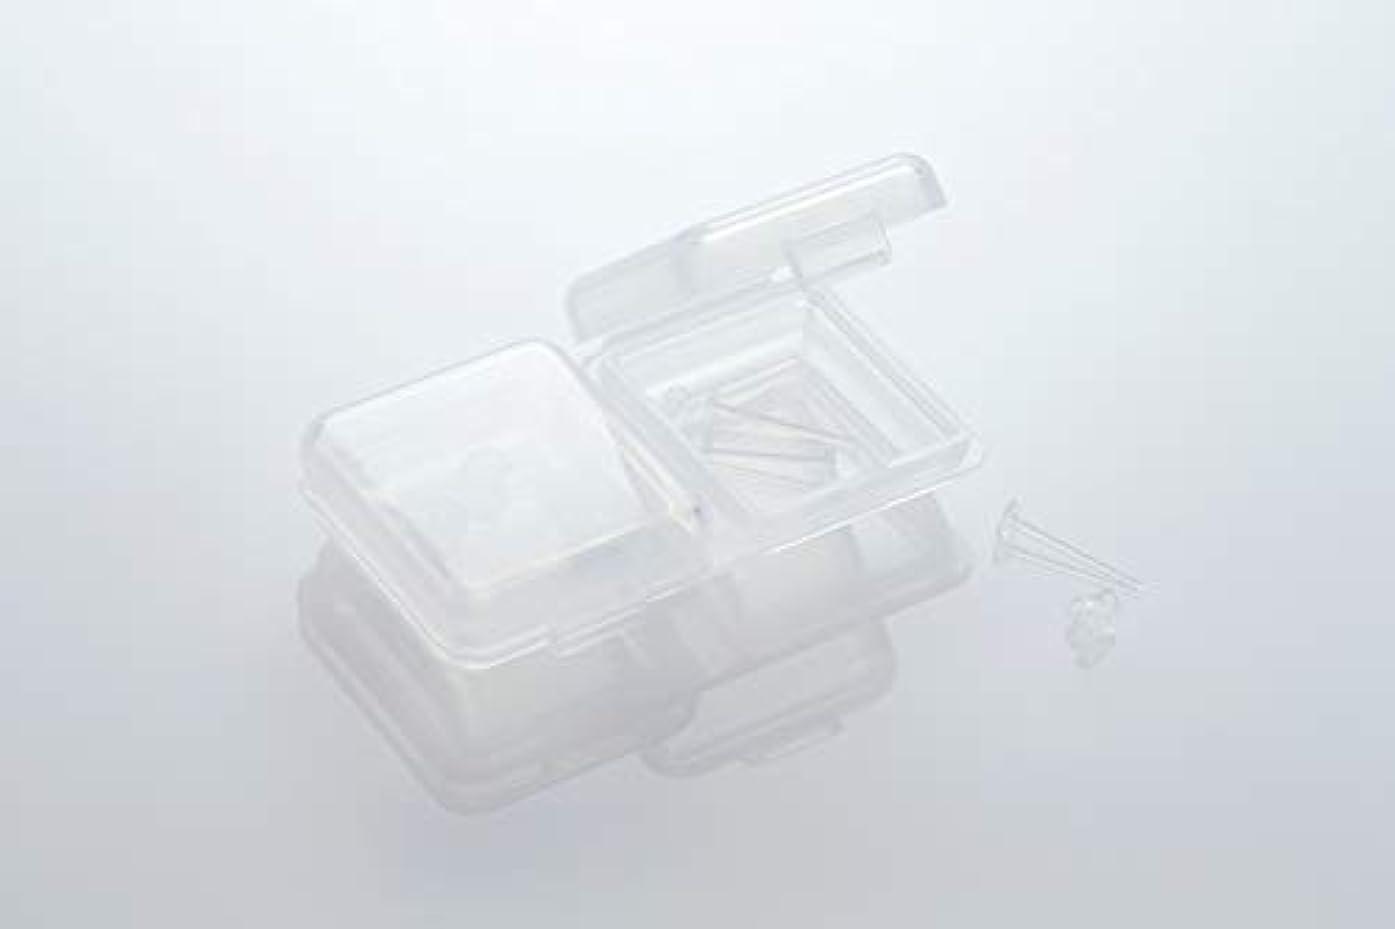 探検候補者怪しい[ワンダーワークス] WONDERWORKS 医療用樹脂製 シークレットピアス リメイン 金属アレルギーフリー 2ペア W20006